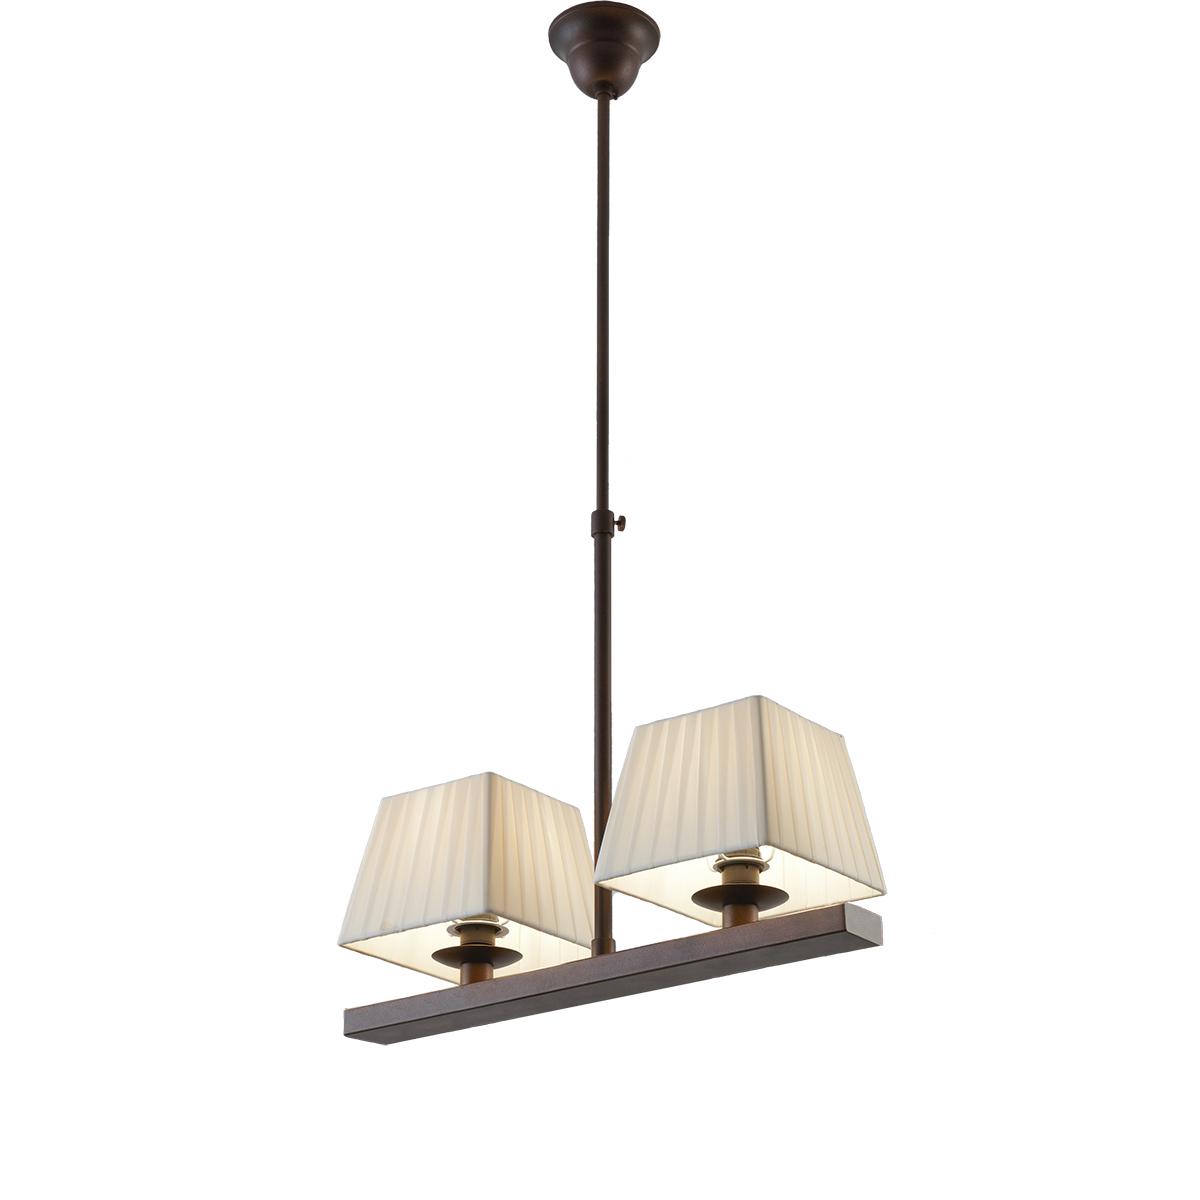 Πολύφωτο ρουστίκ SMART-CAFE rustic chandelier